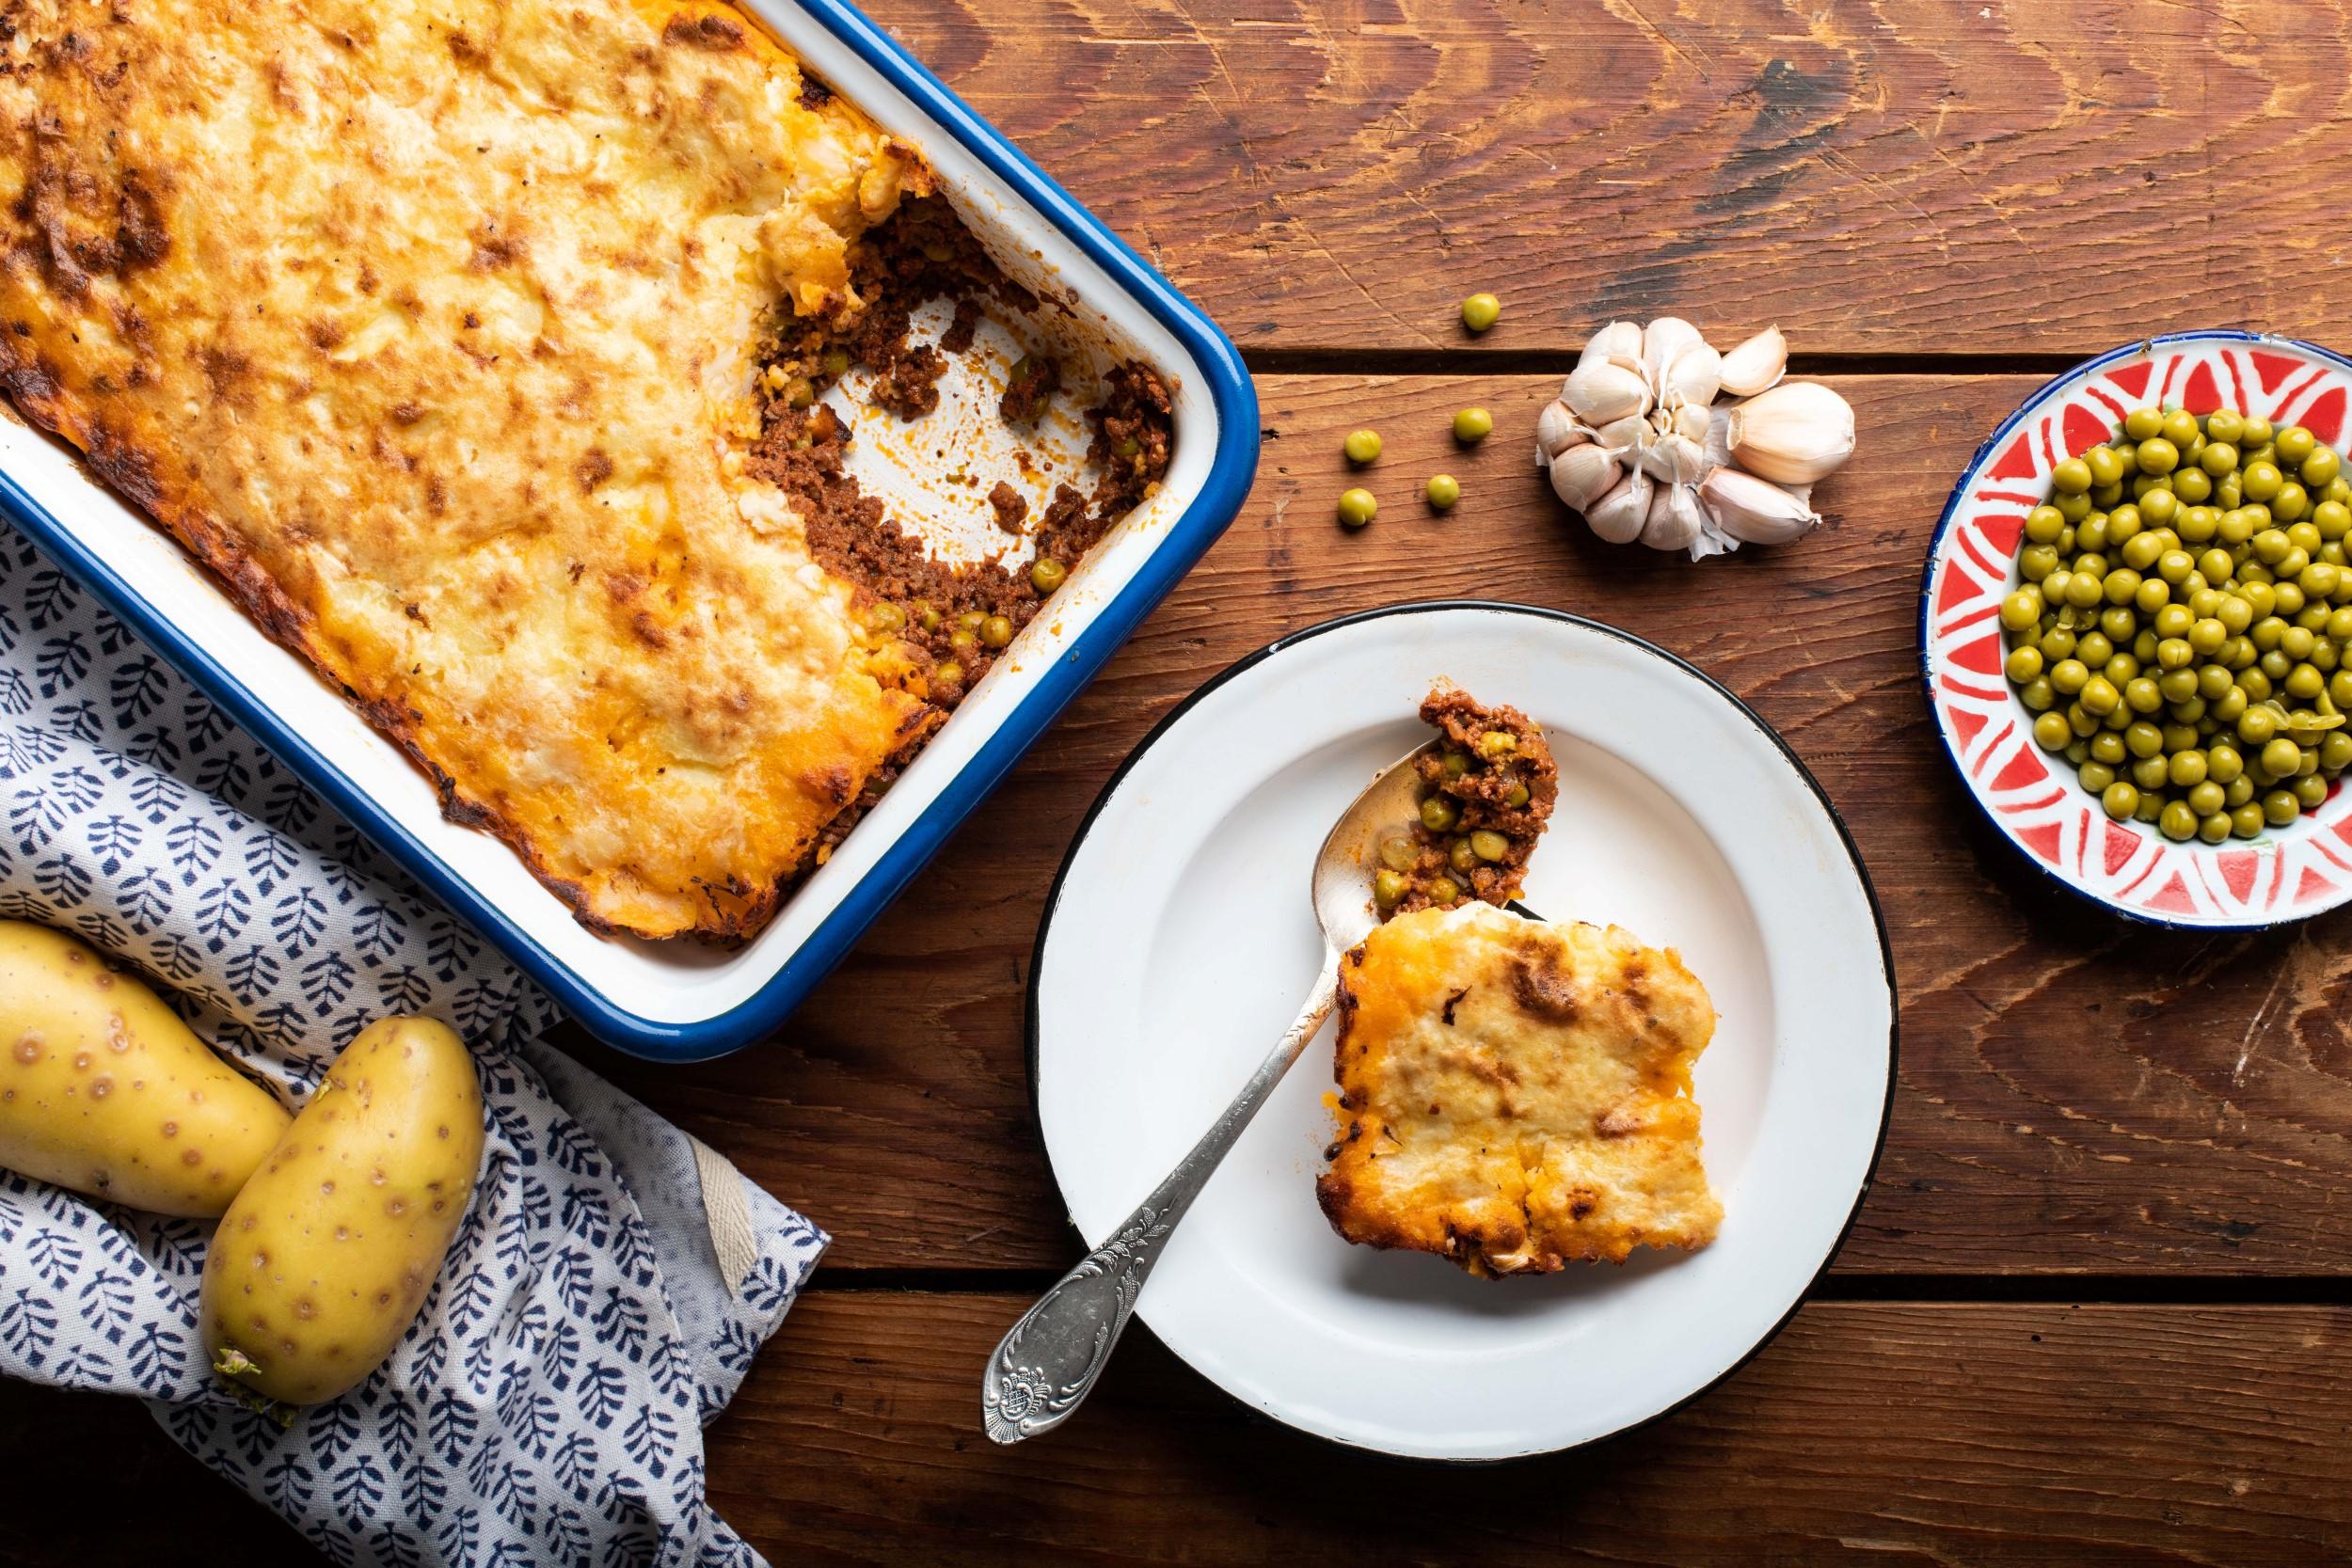 פשטידת בשר ותפוחי אדמה (צילום:נמרוד סונדרס)